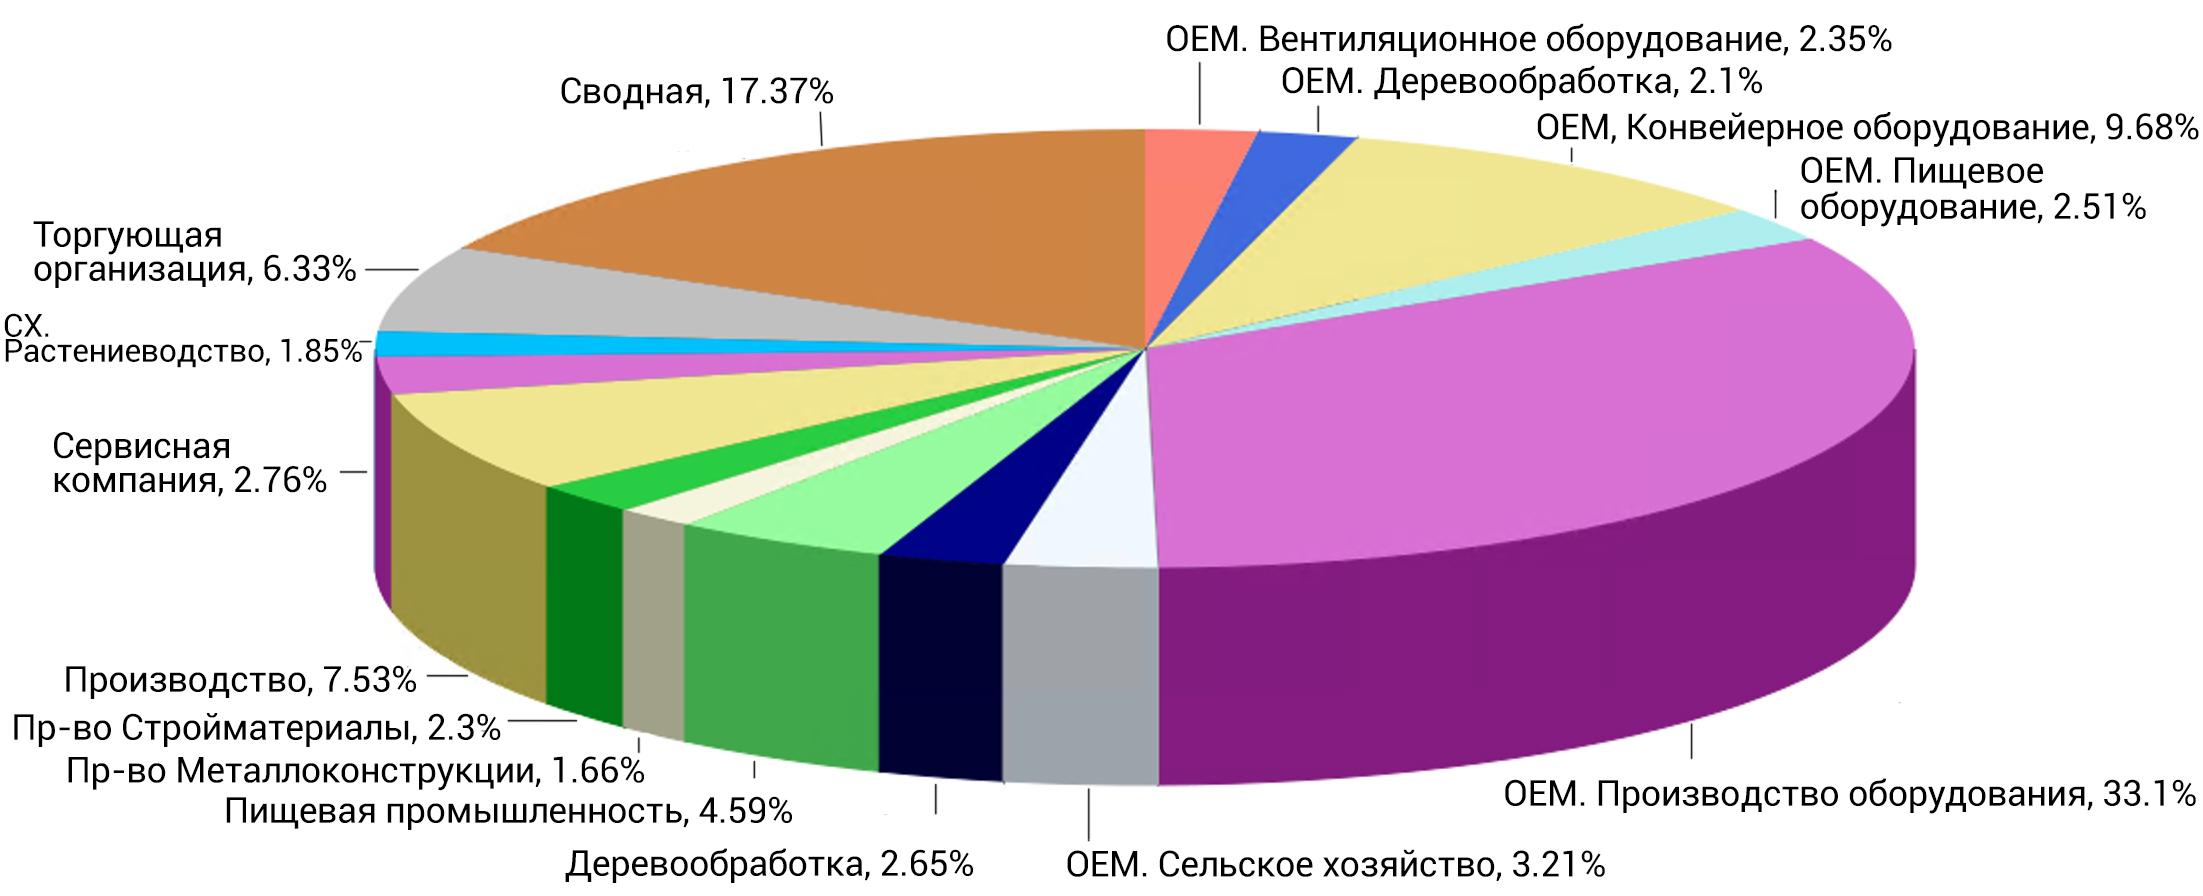 Диаграмма продажи по отраслям